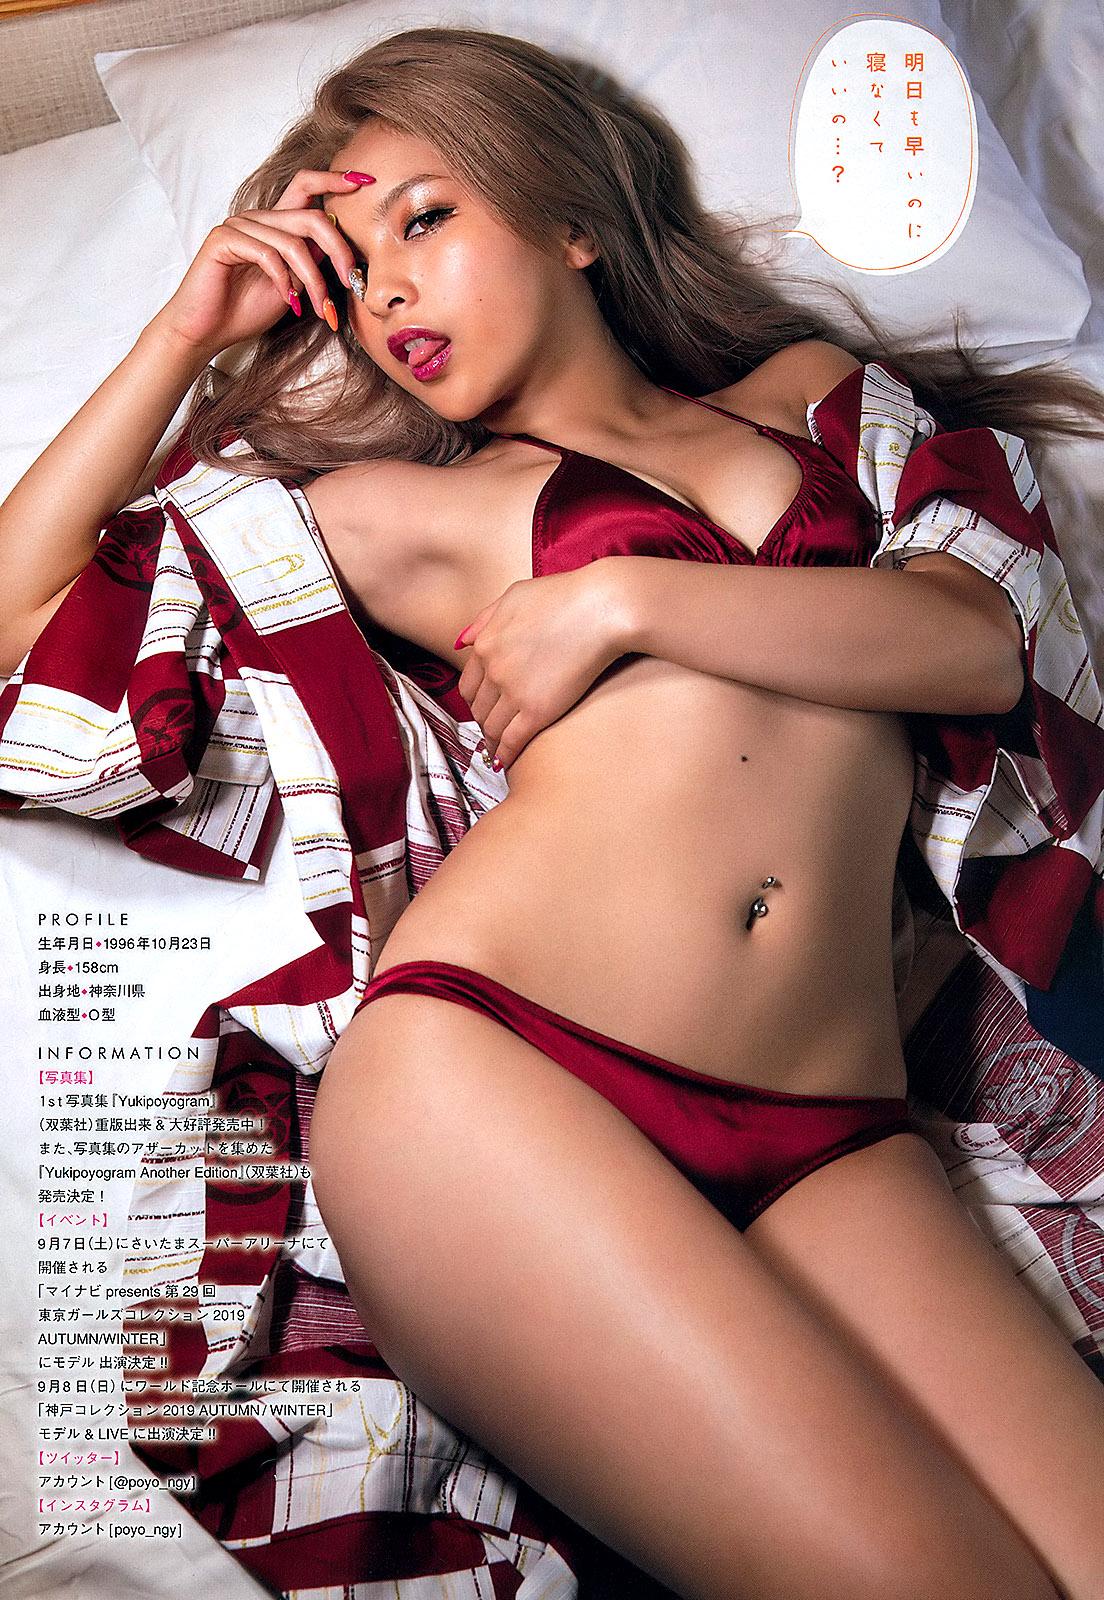 Yuki Poyo Young Magazine 190916 08.jpg